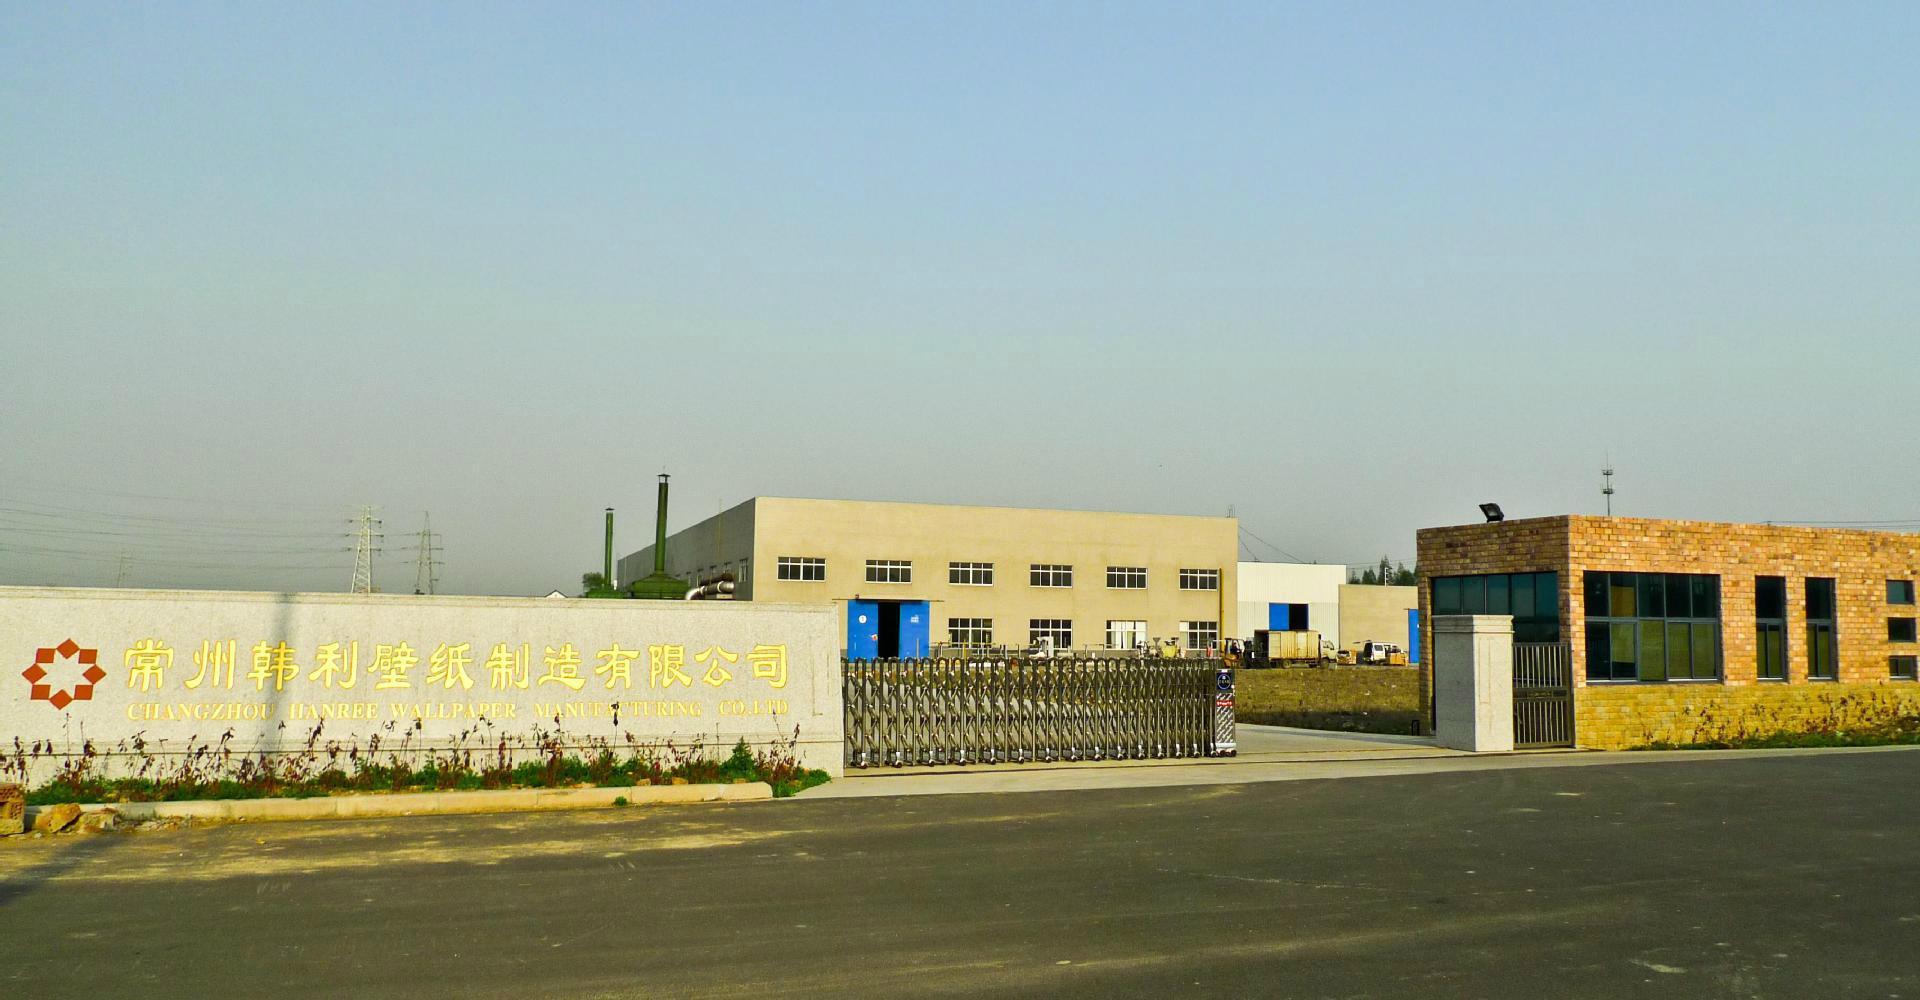 韩利 壁画材料供应商/拼接/韩国稻草纹/写真底纸基材/PVC底布 2